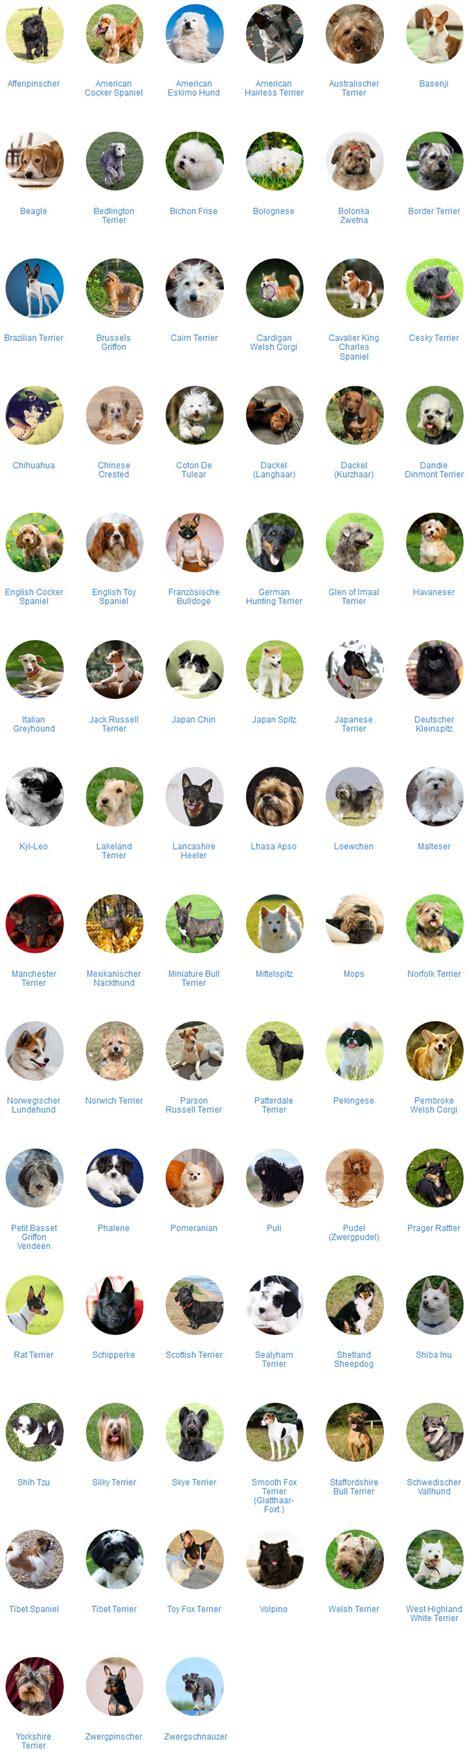 le mit namen alle kleine hunderassen mit bilder im 220 berblick